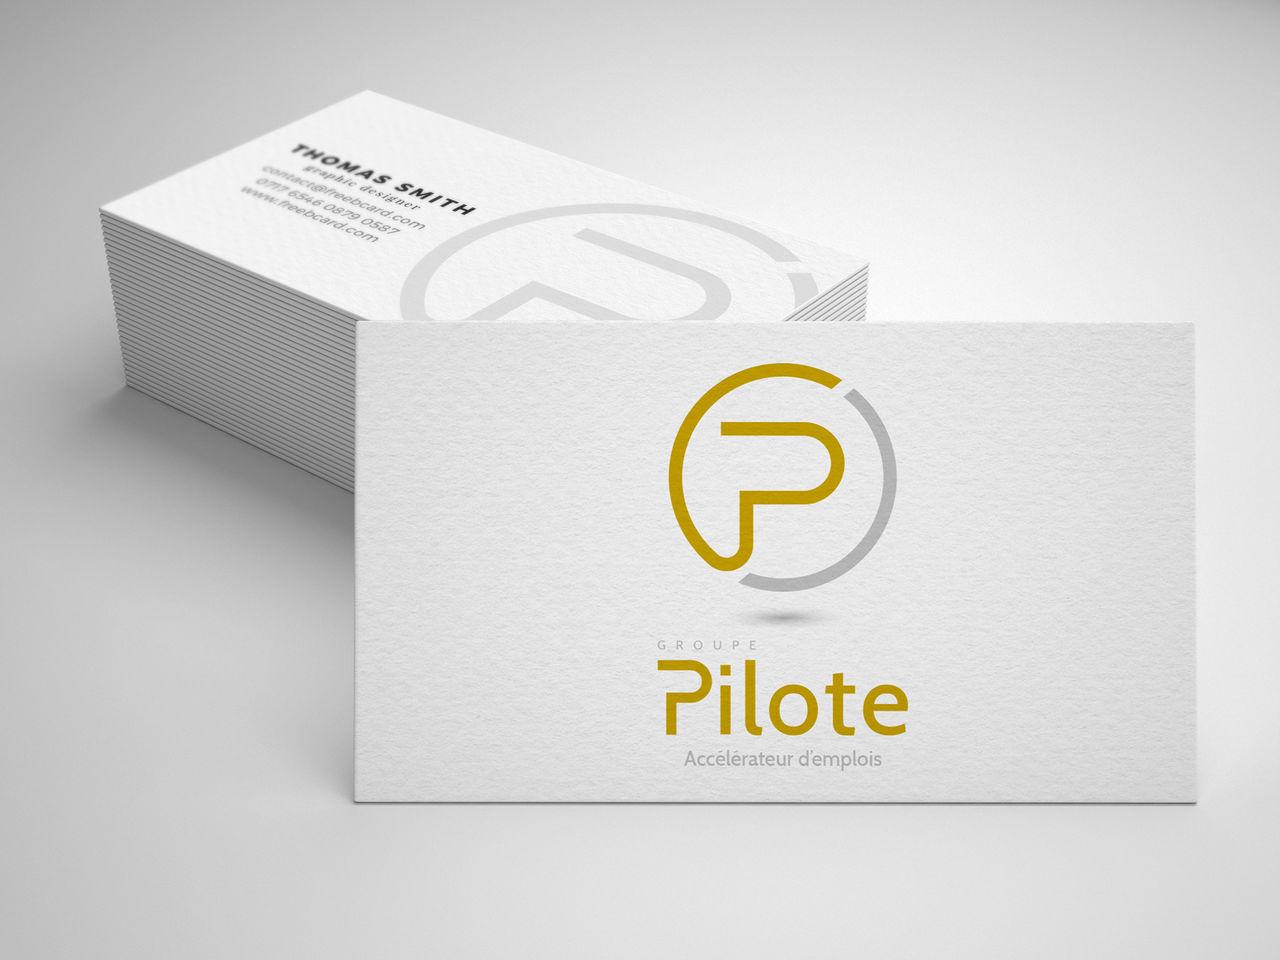 La Box Com - Groupe Pilote